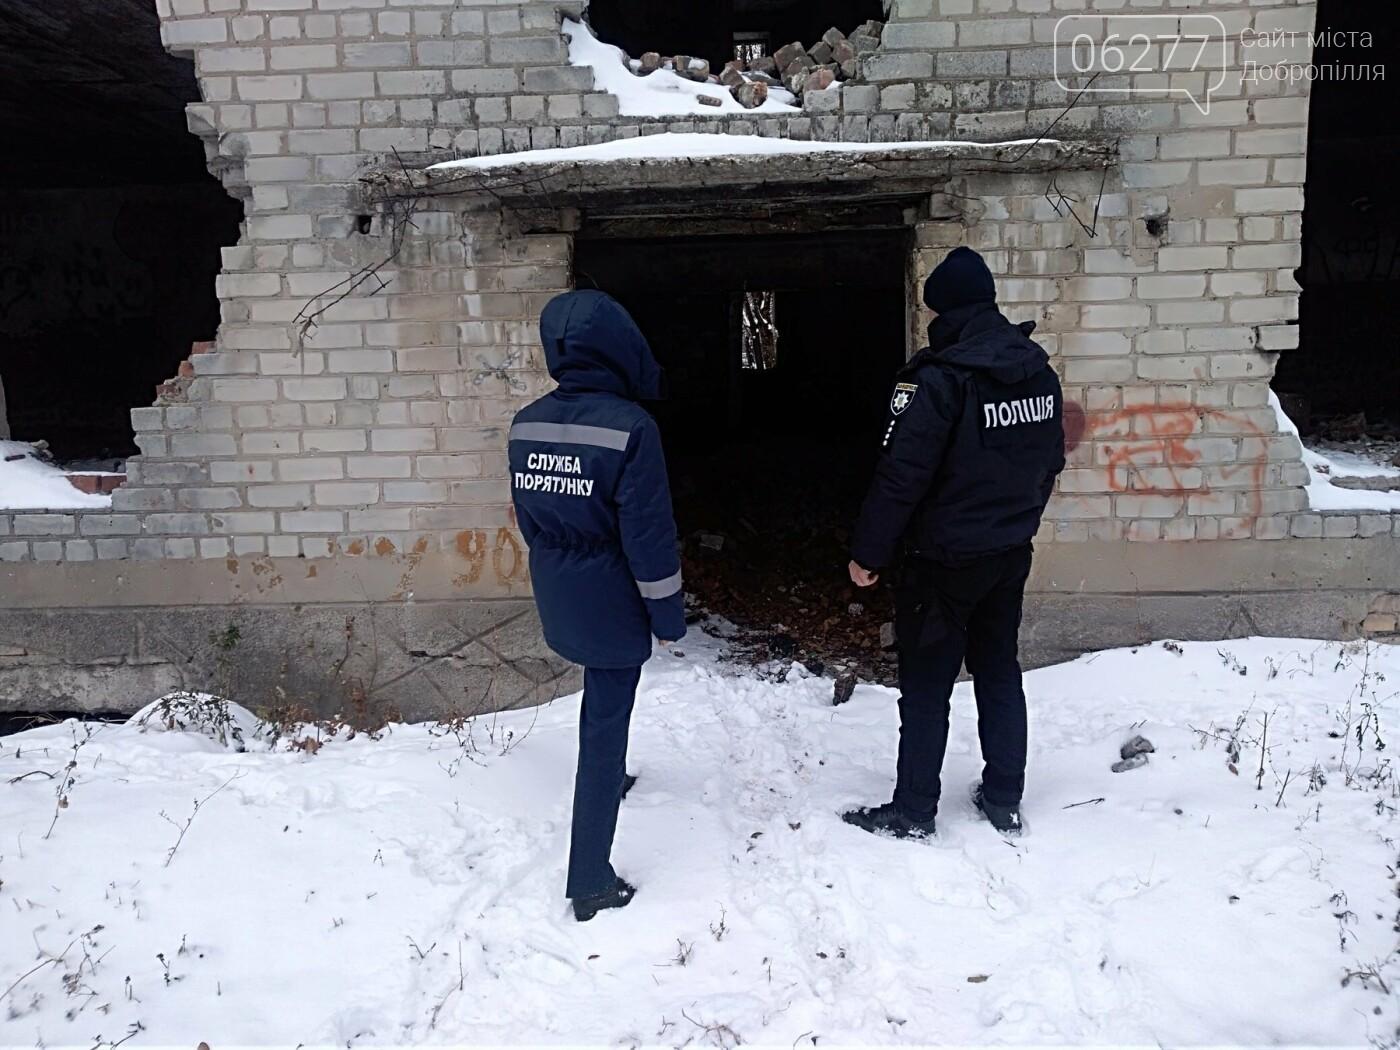 Рятувальники Добропілля спільно з поліцією провели рейд по покинутим будівлям, фото-2